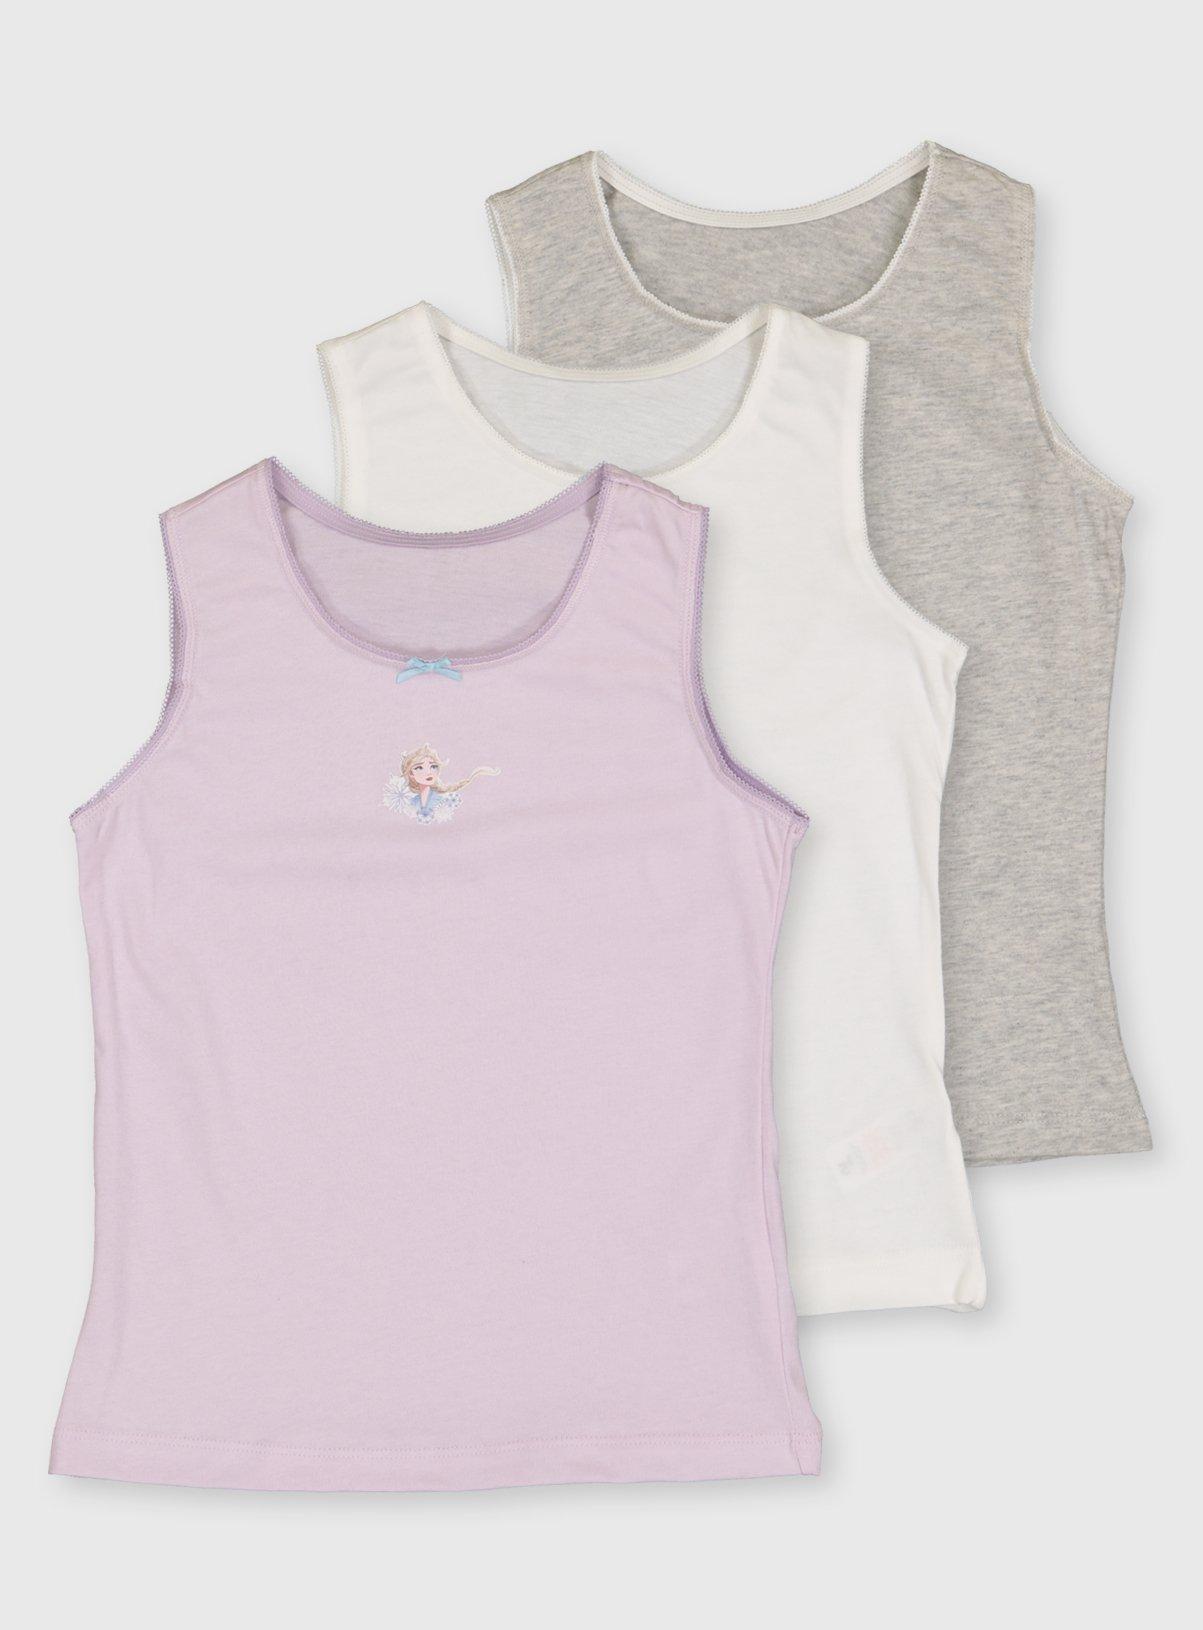 Disney Frozen Vests 3 Pack - 4-5 years